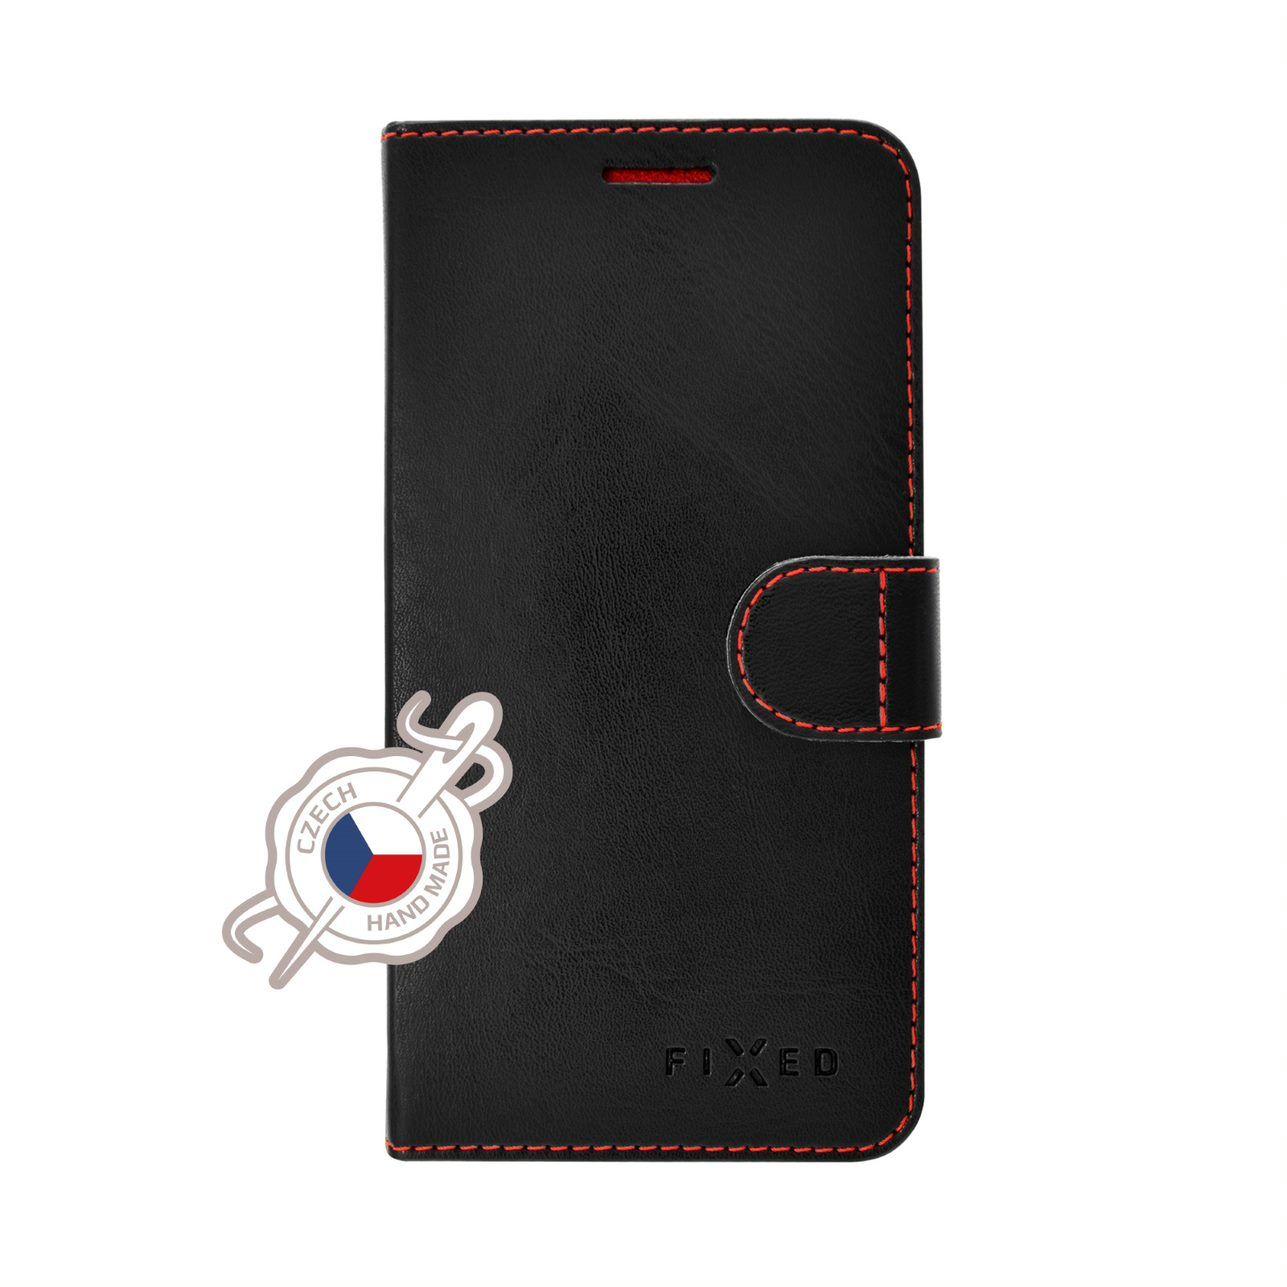 FIXED FIT flipové pouzdro pro Xiaomi Pocophone F1, černé